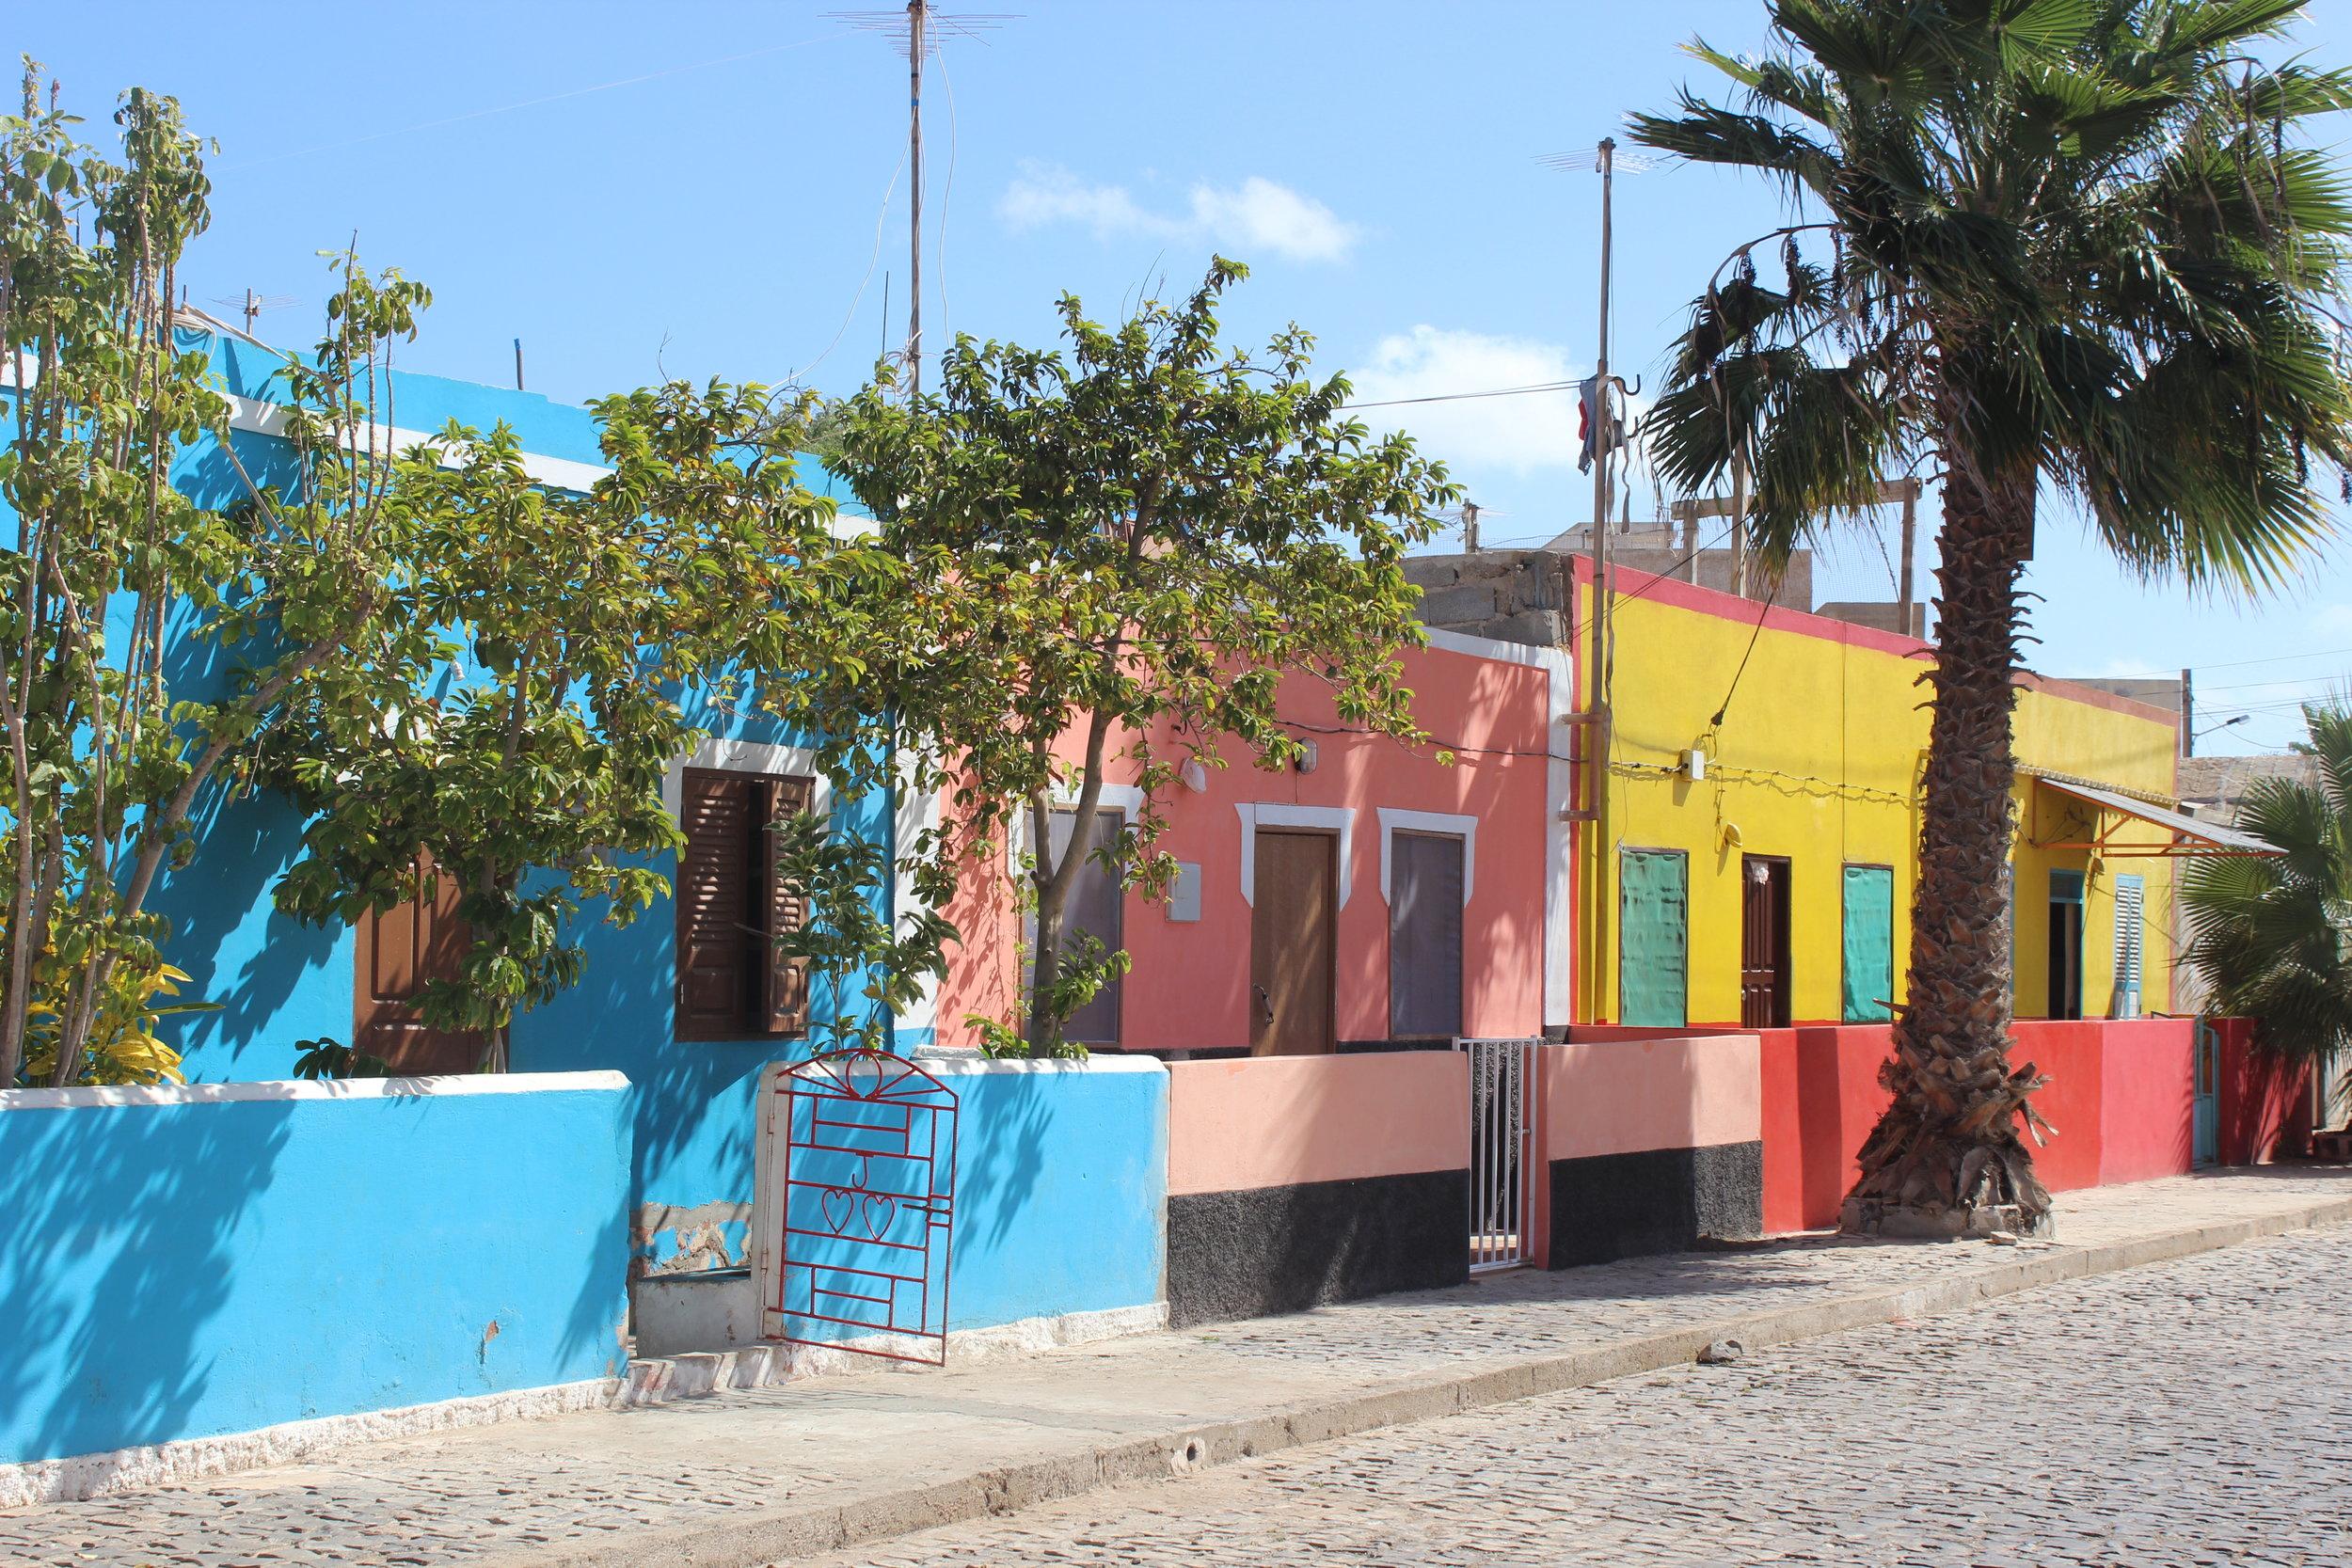 Palmeira, the capital of Sal